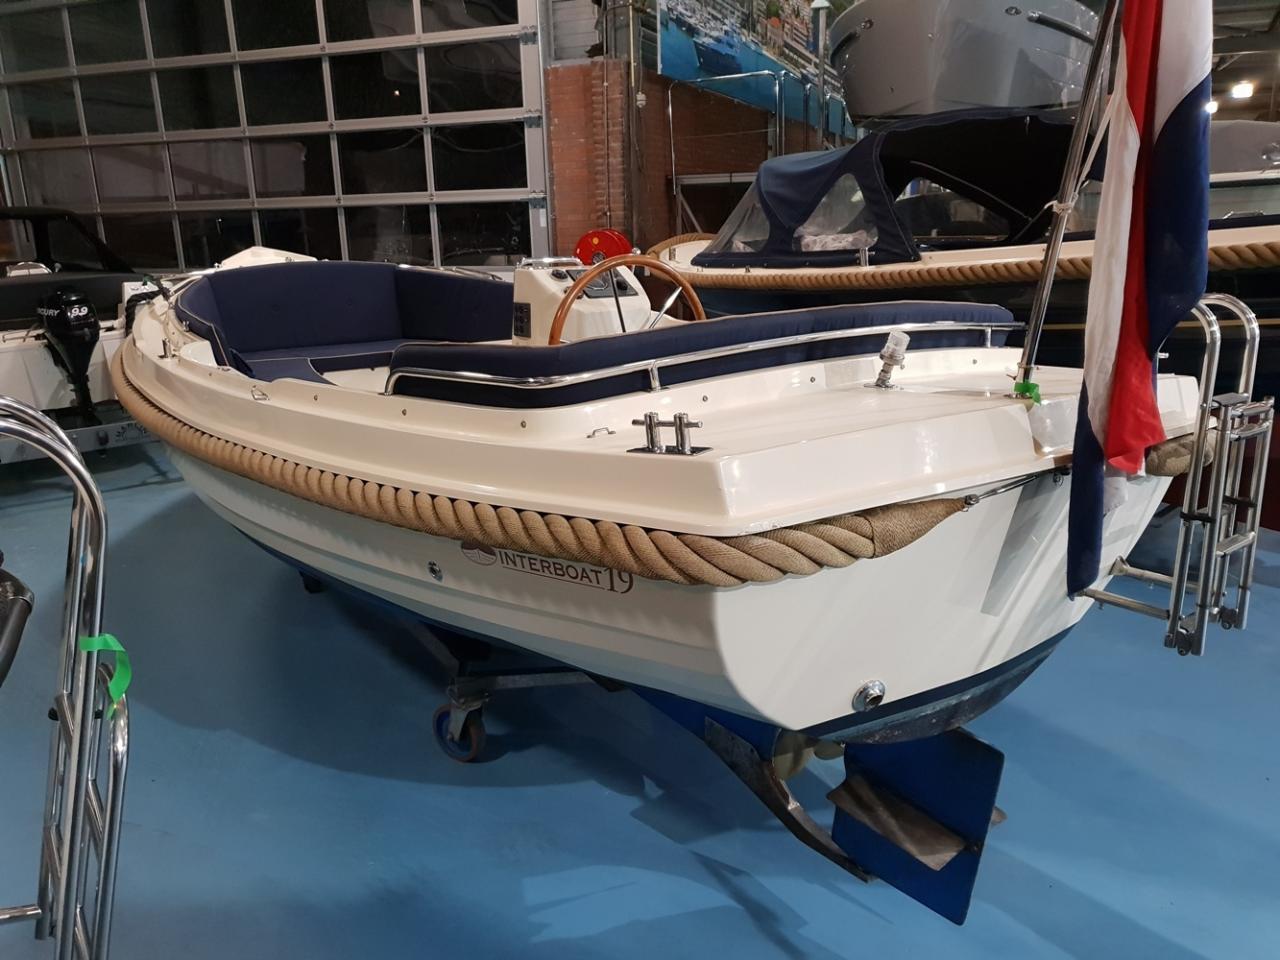 Interboat 19 met Vetus 28 pk 4